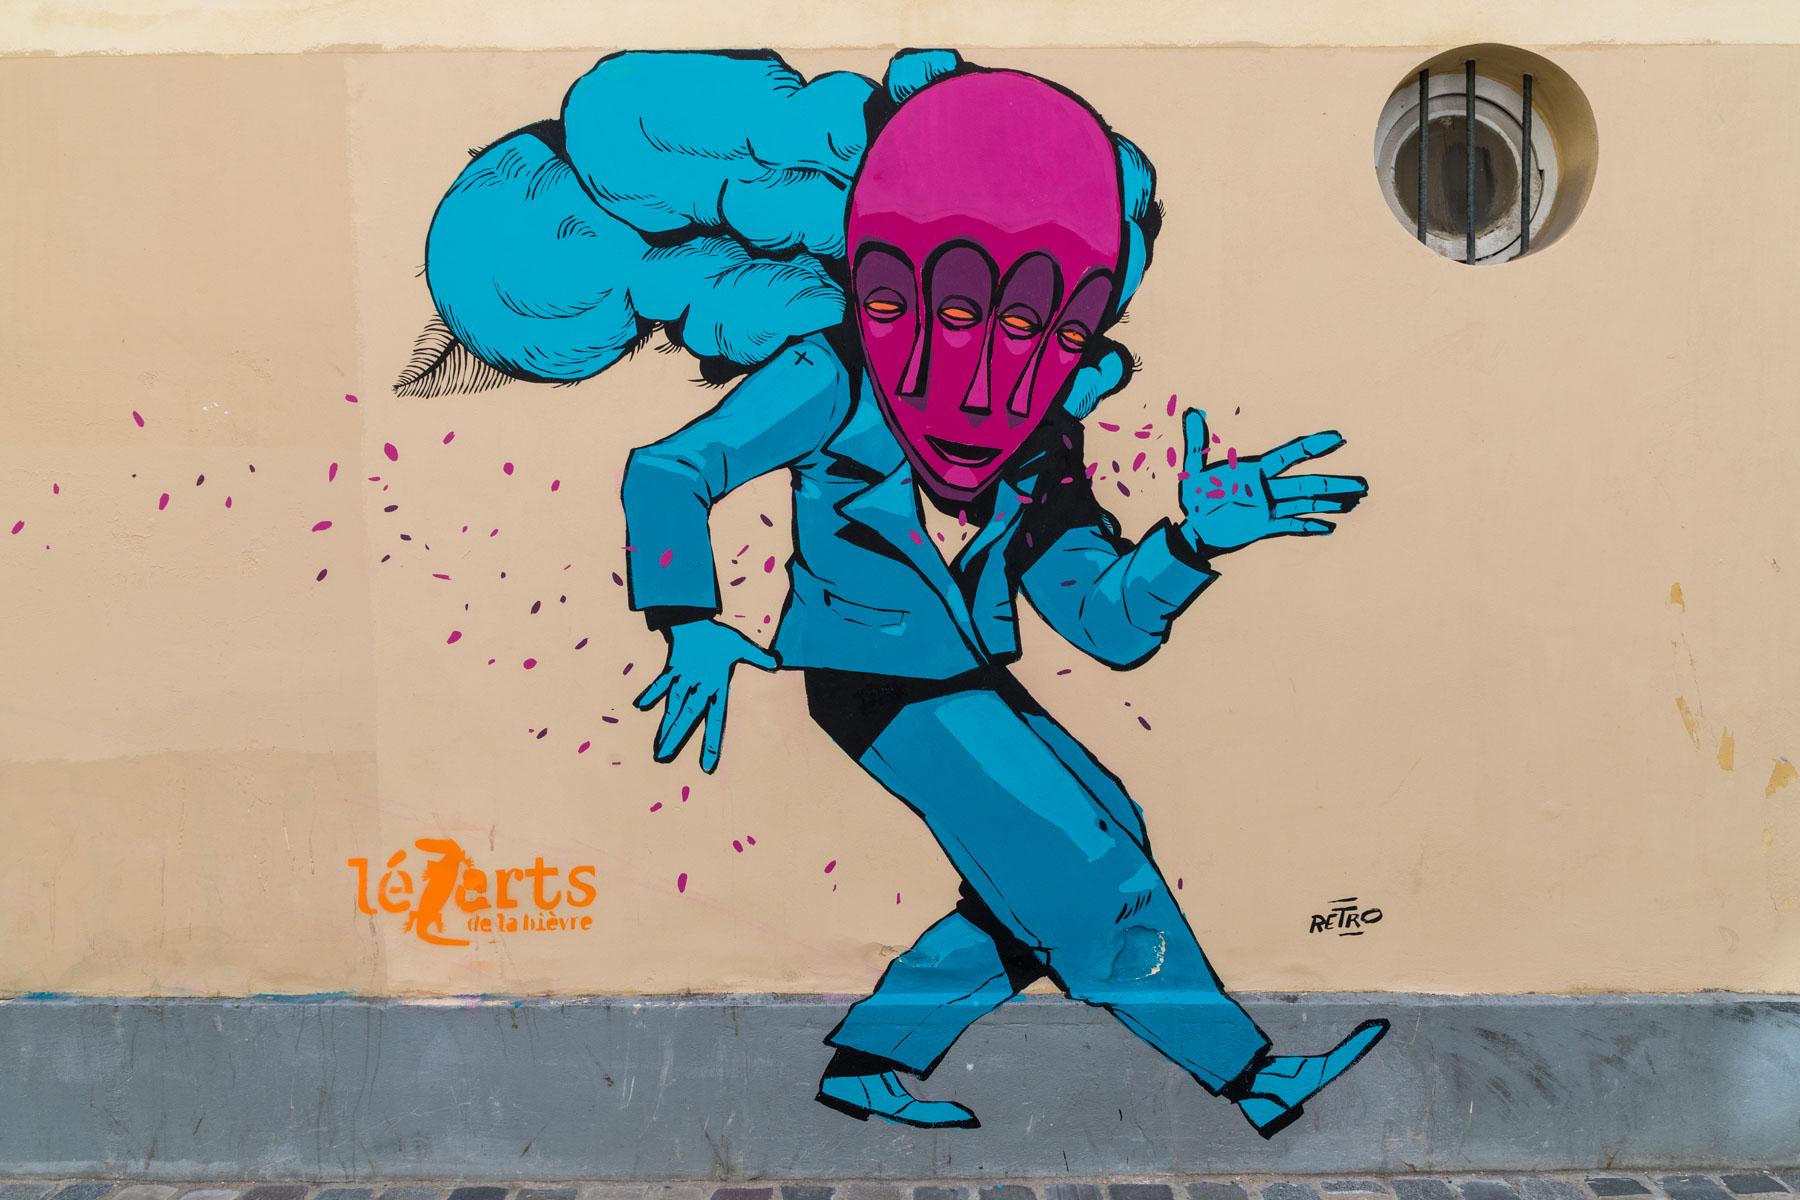 Rétro graffitism pour les Lézarts de la Bièvre - Juin 2019